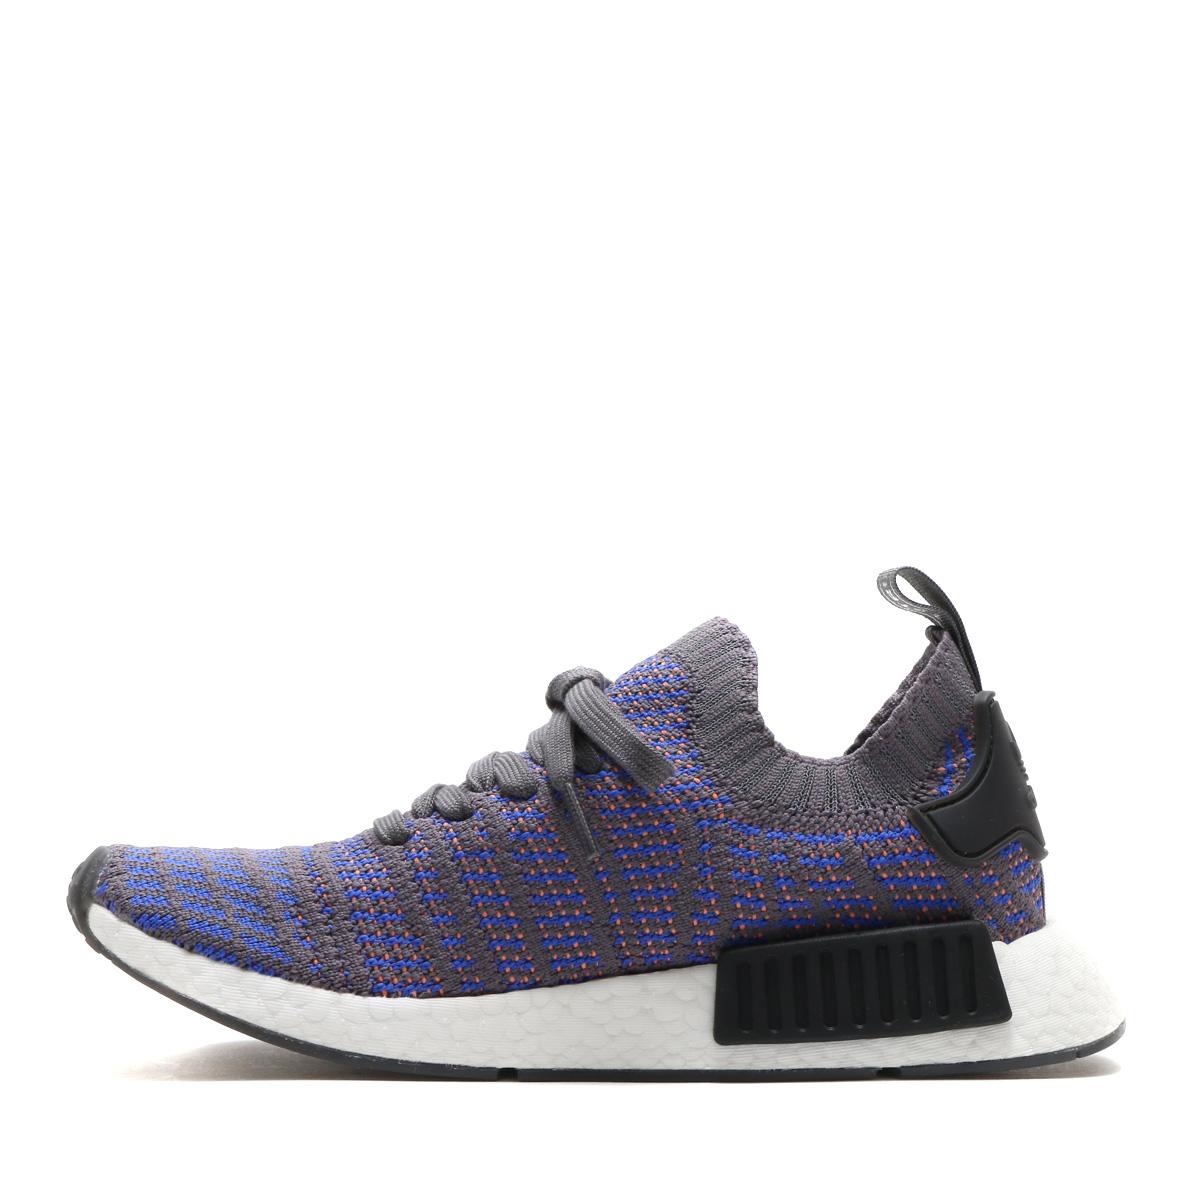 adidas Originals NMD_R1 STLT PK (Adidas originals N M D R1 STLT PK) Hi Res BlueCore BlackChalk Coral 18SS I